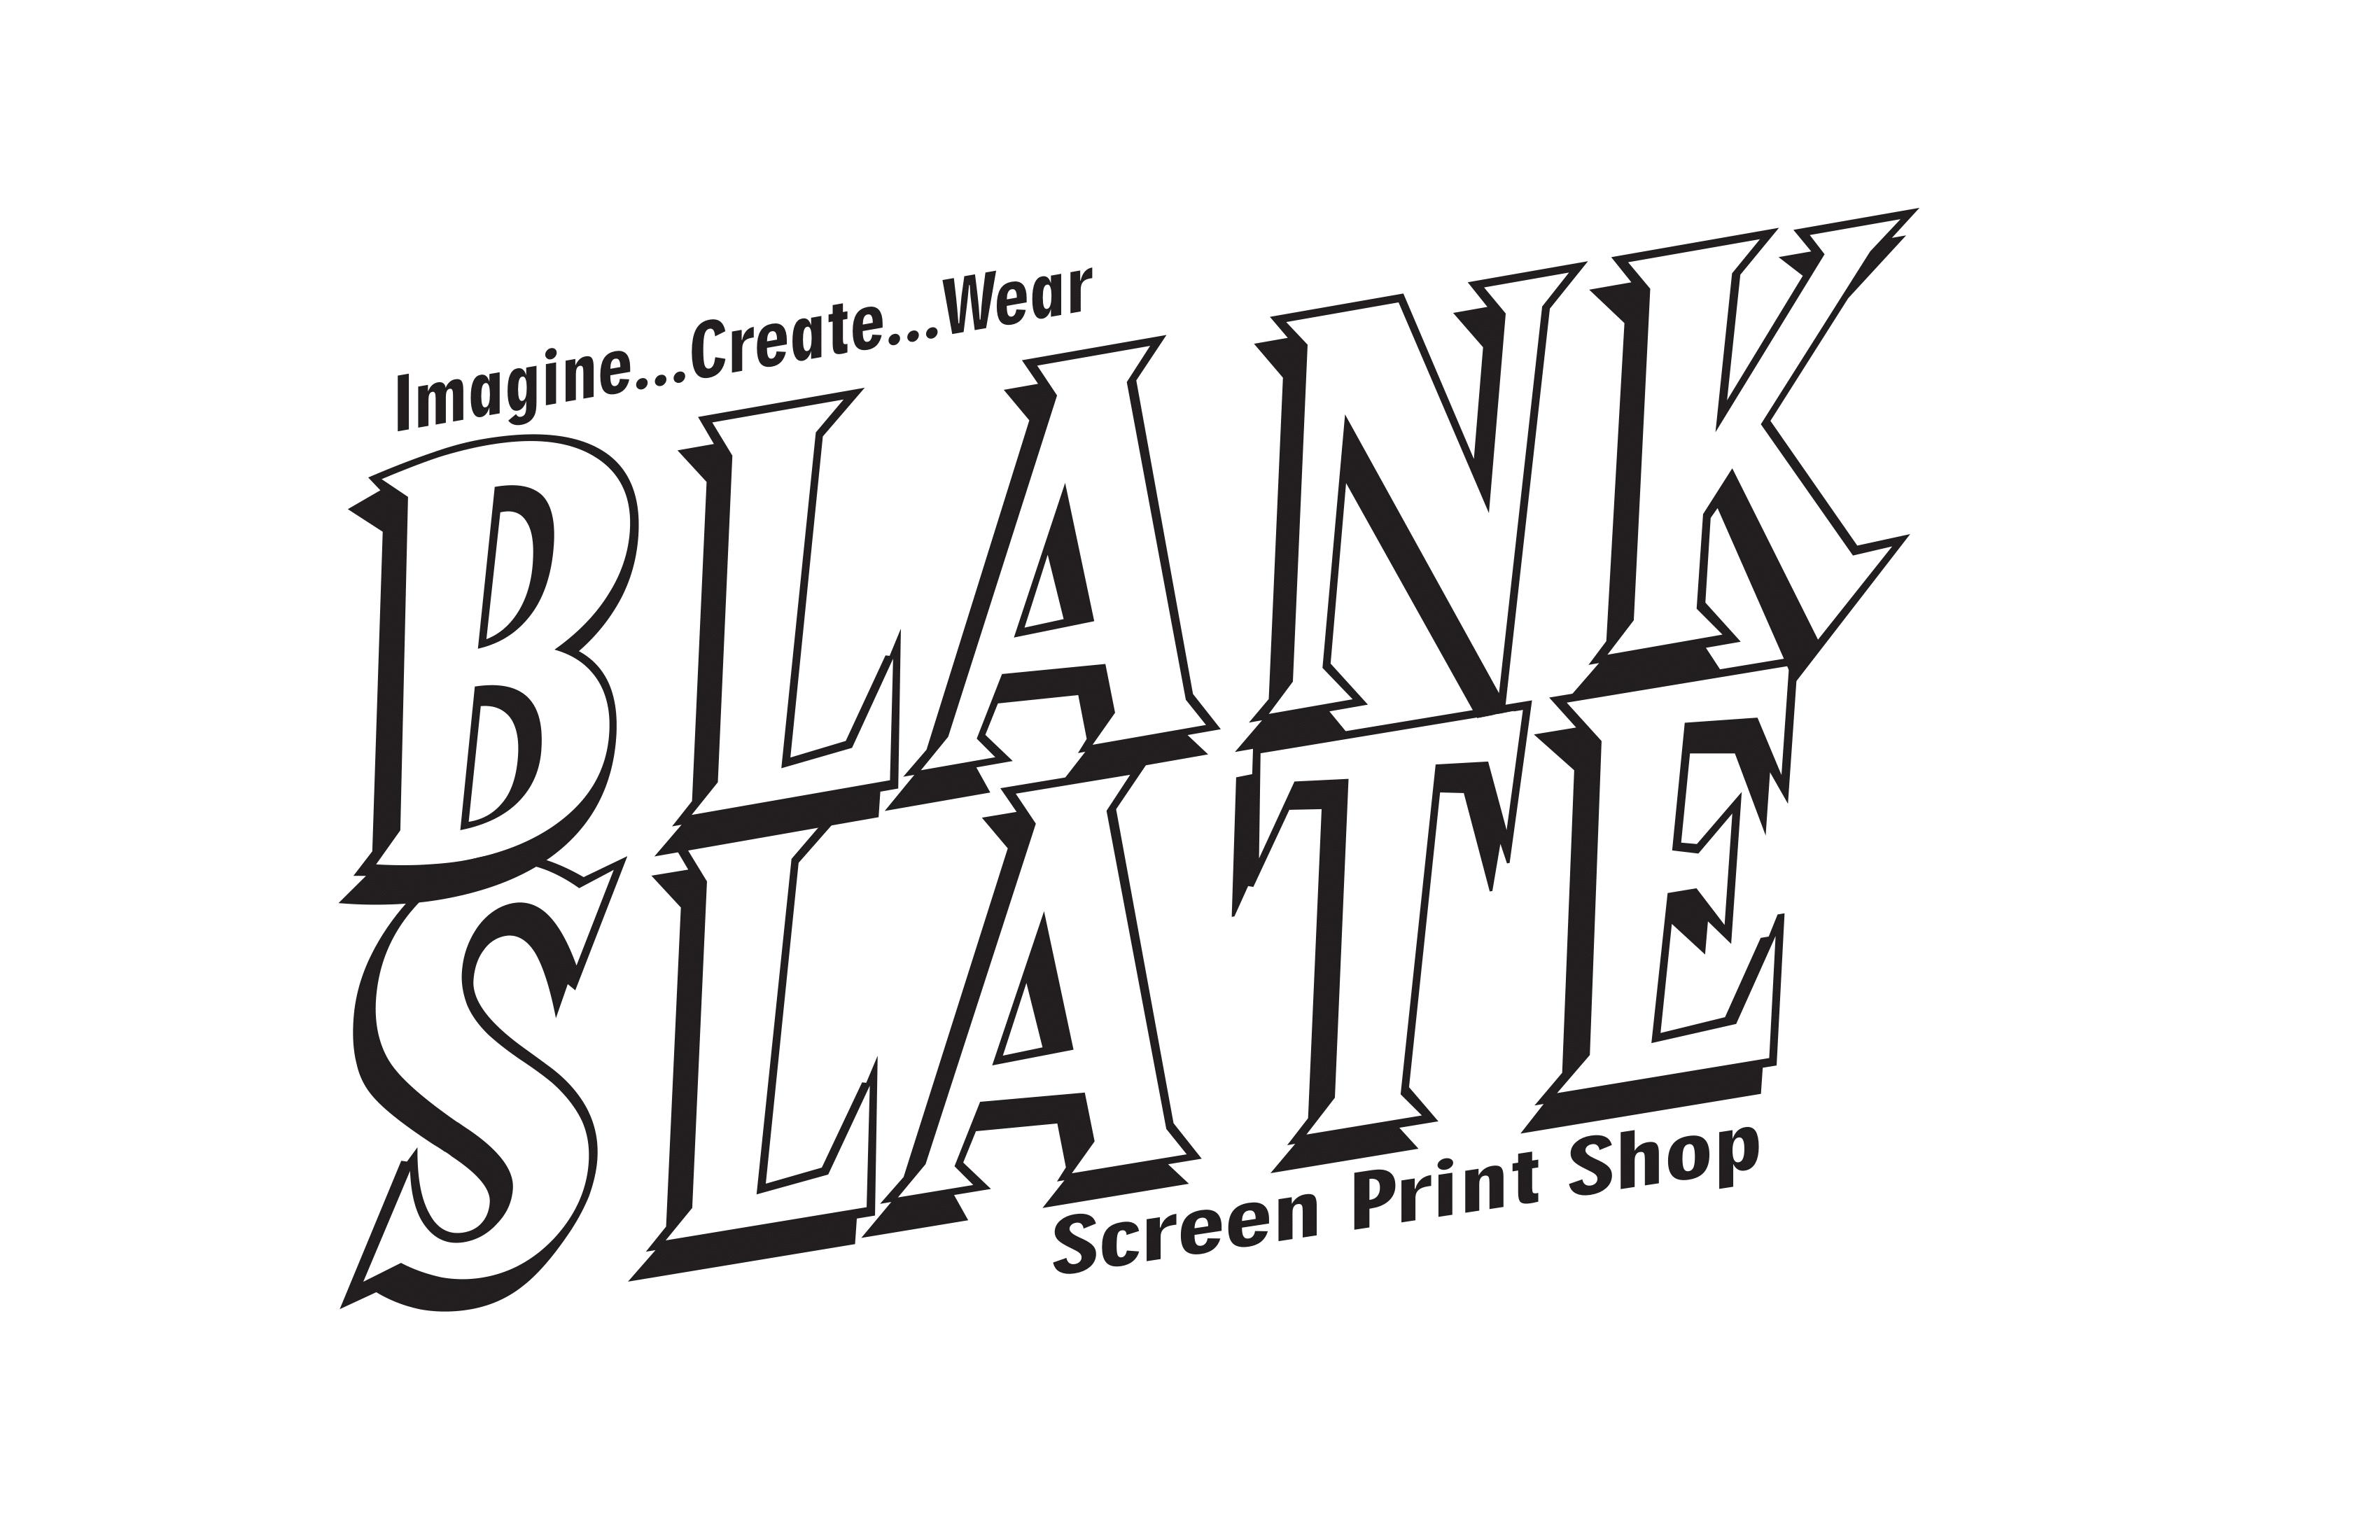 Blank Slate Screenprinting